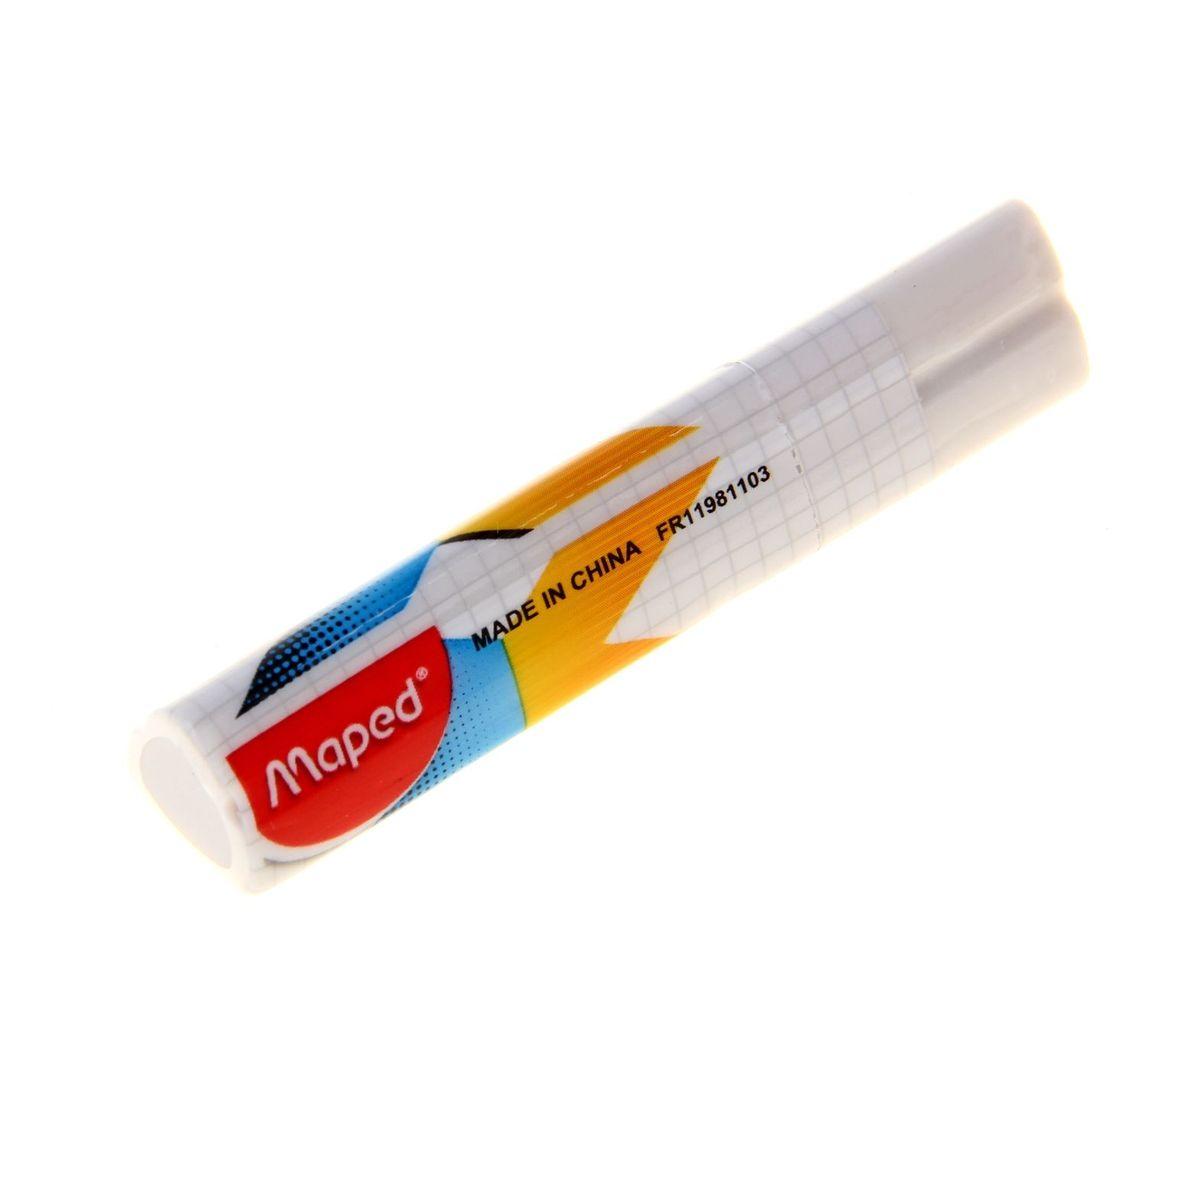 Maped Ластик Stick X-Pert72523WDЛастик Maped Stick X-Pert изготовлен из синтетики. Имеет эргономичную трехгранную форму. Ластик легко и без следов удаляет с бумаги надписи, сделанные карандашом любой твердости.